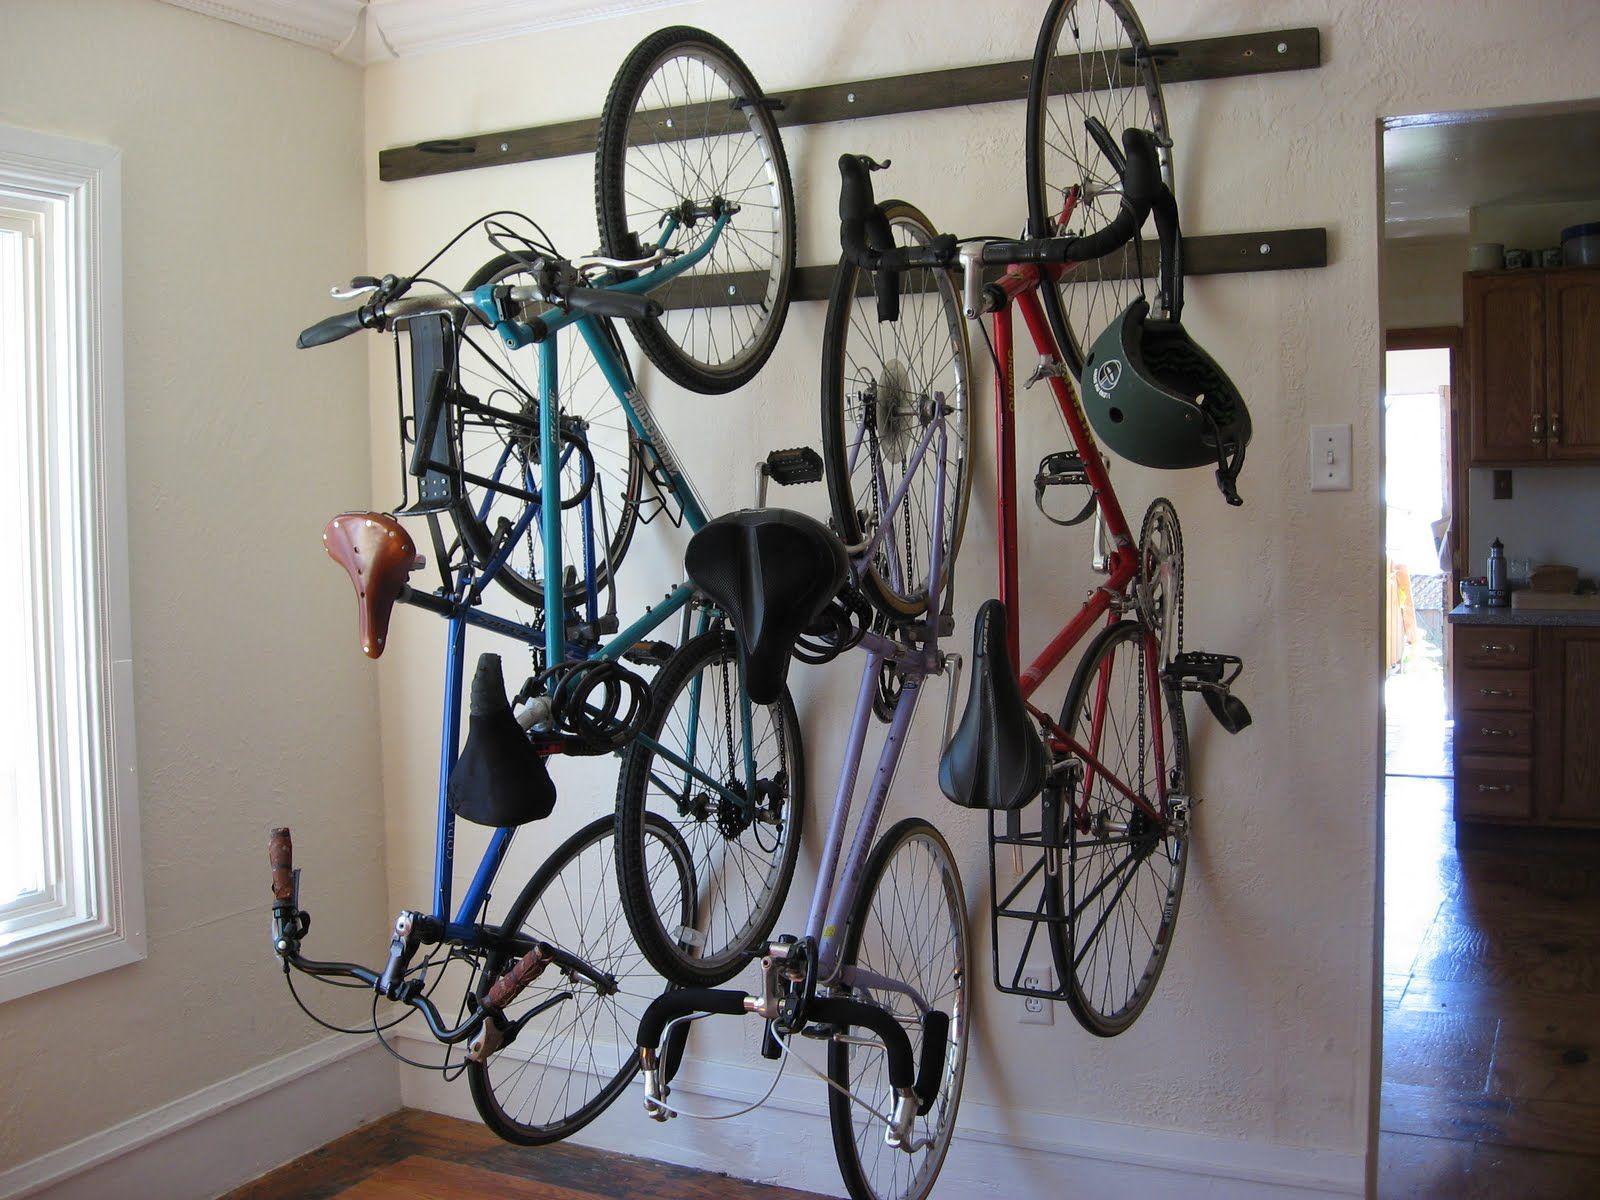 Post 100 My Brand New Homemade Wall Hanging Bike Rack Diy Bike Rack Hanging Bike Rack Bike Storage Diy